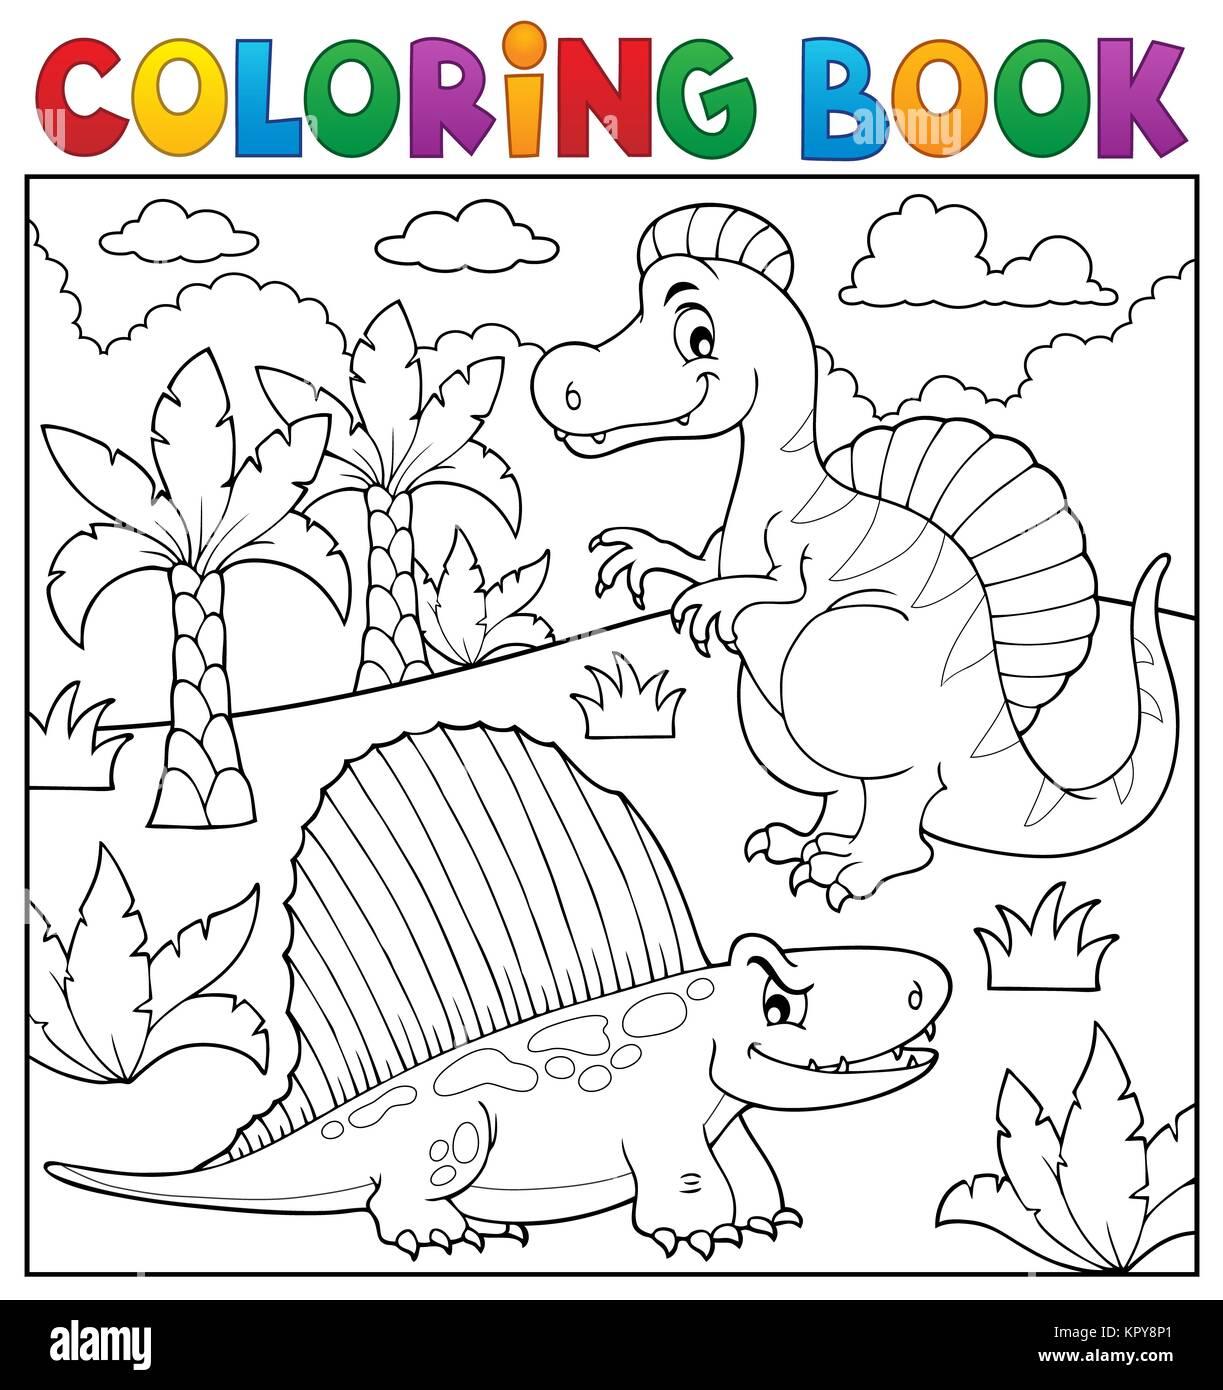 Livre Coloriage Dinosaure.Theme 7 Livre De Coloriage Dinosaure Banque D Images Photo Stock